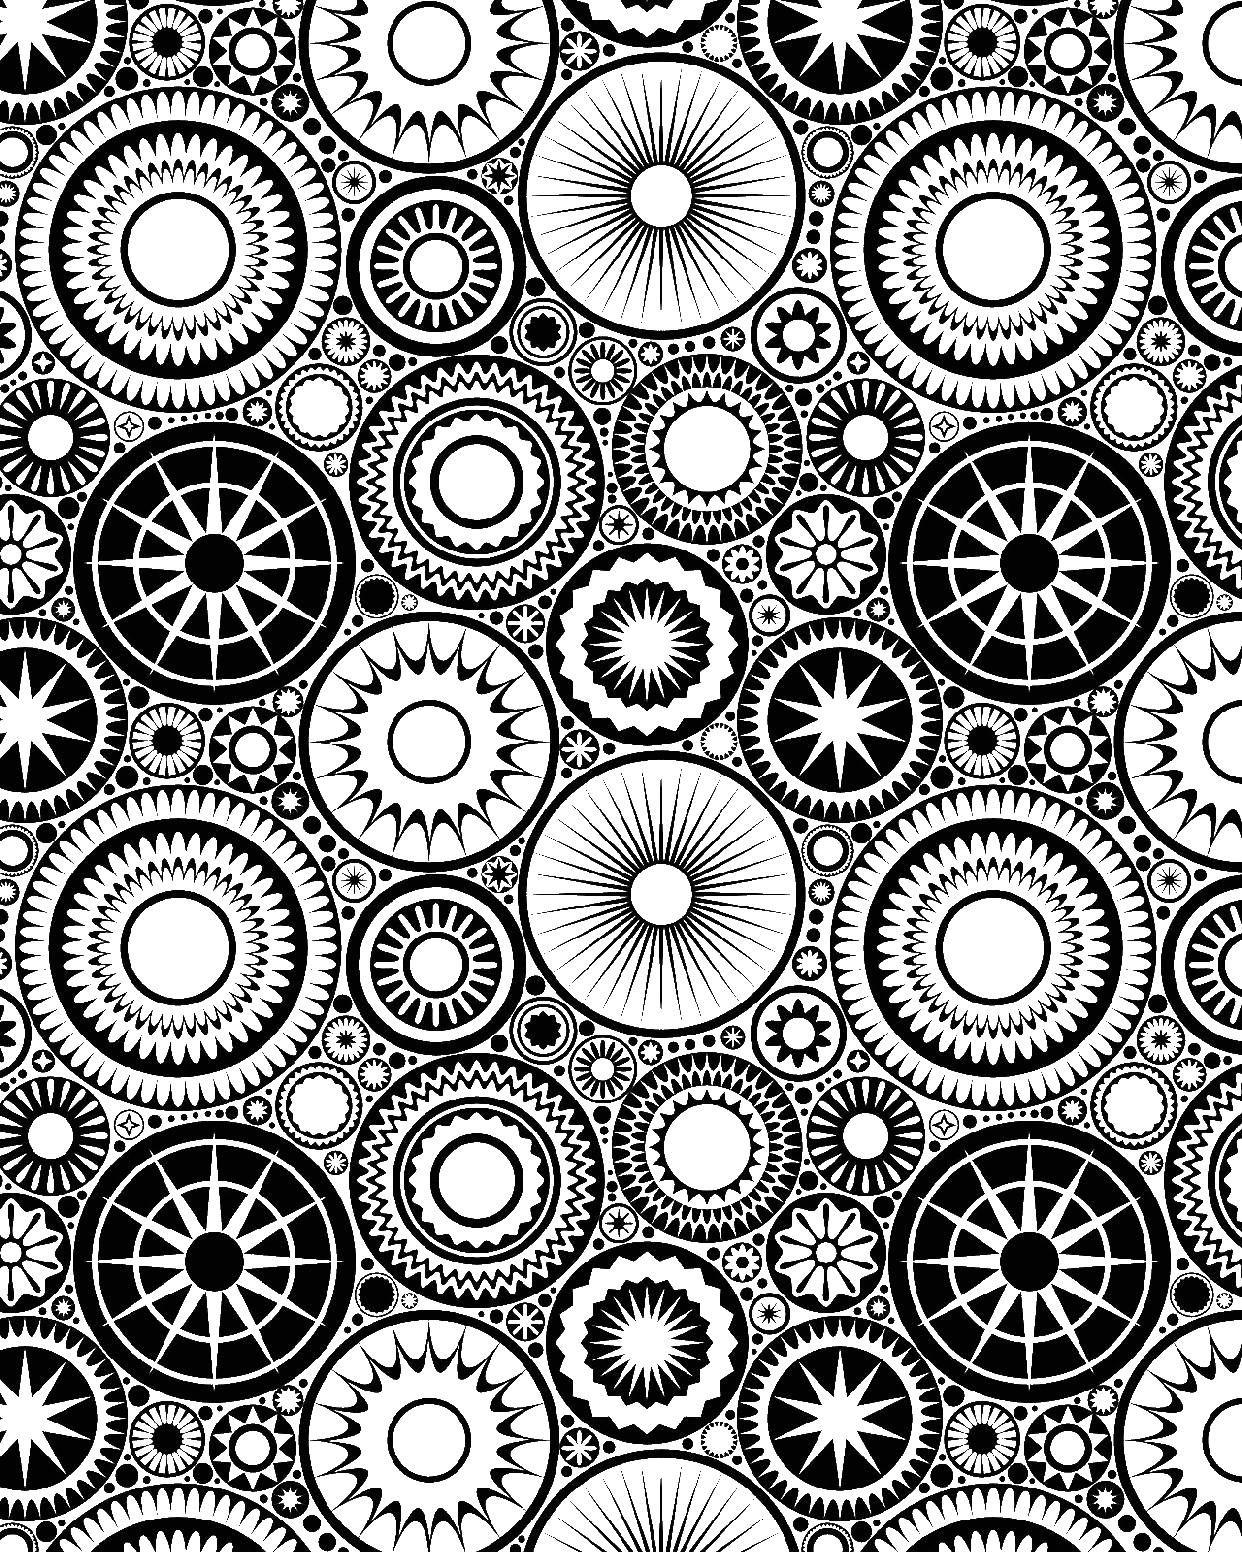 Круги и звезды | Абстрактные раскраски, Бесплатные ...